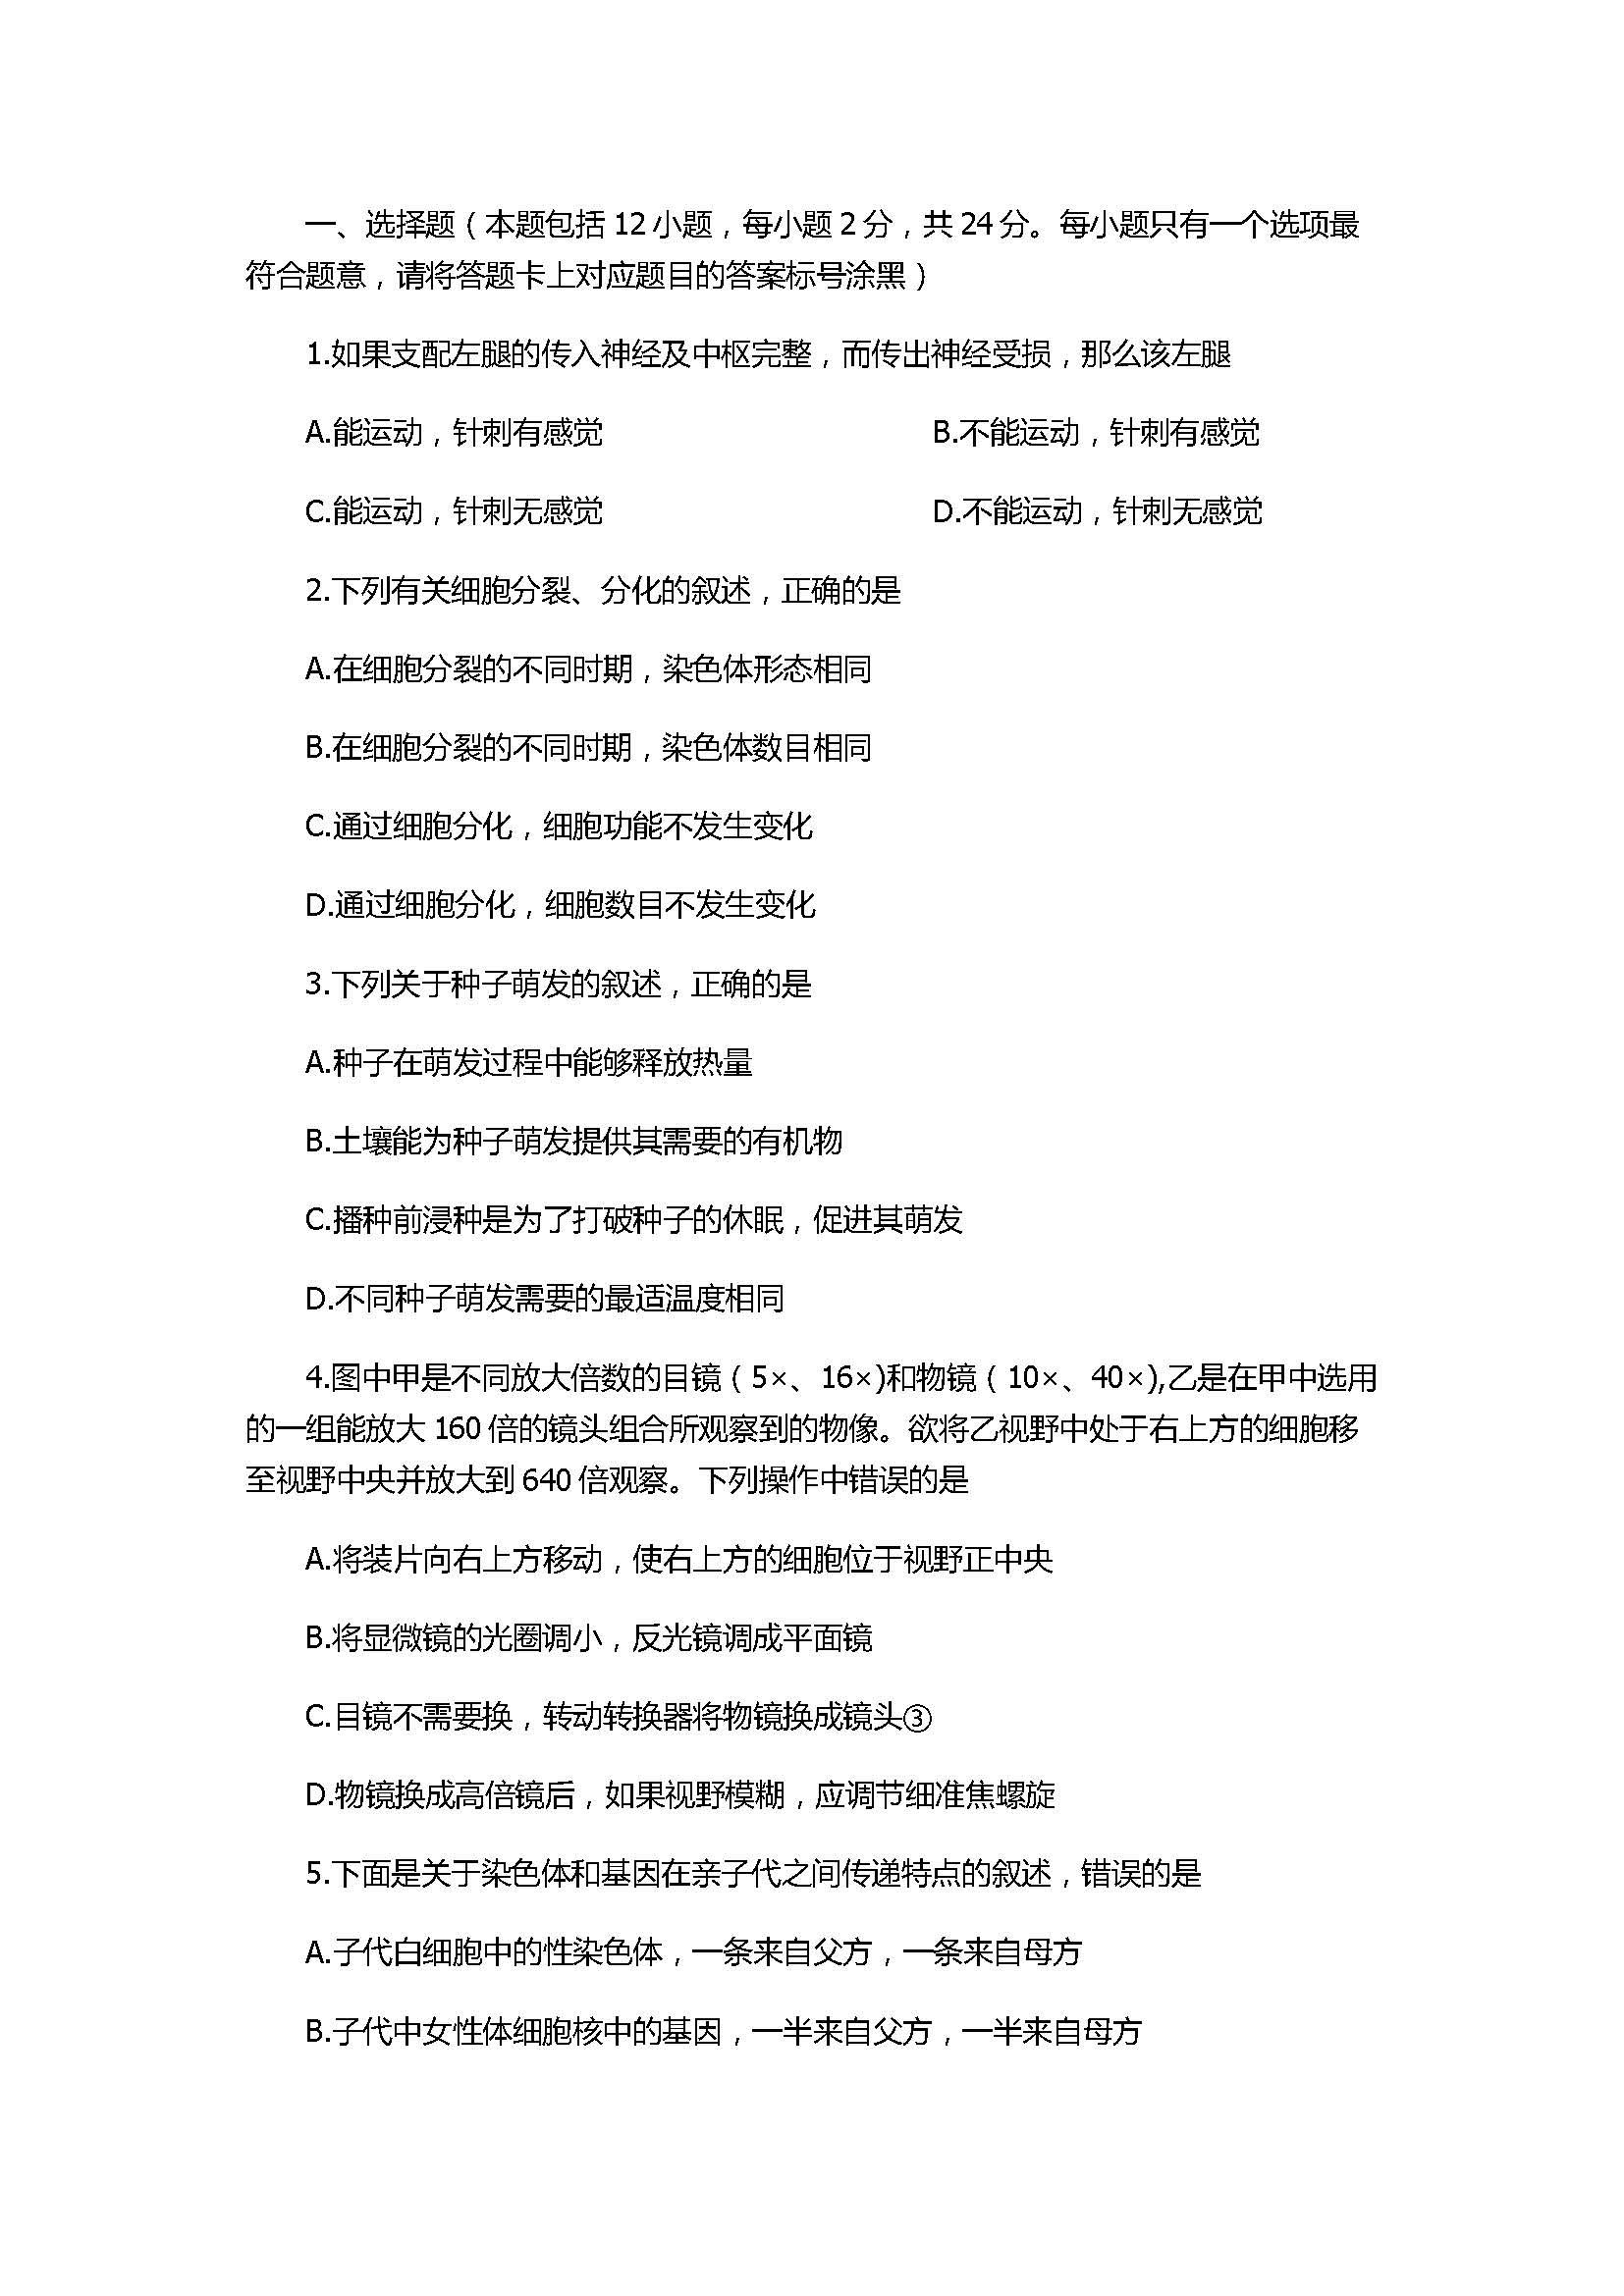 2017初二年级生物中考试卷带参考答案(内蒙古包头市)